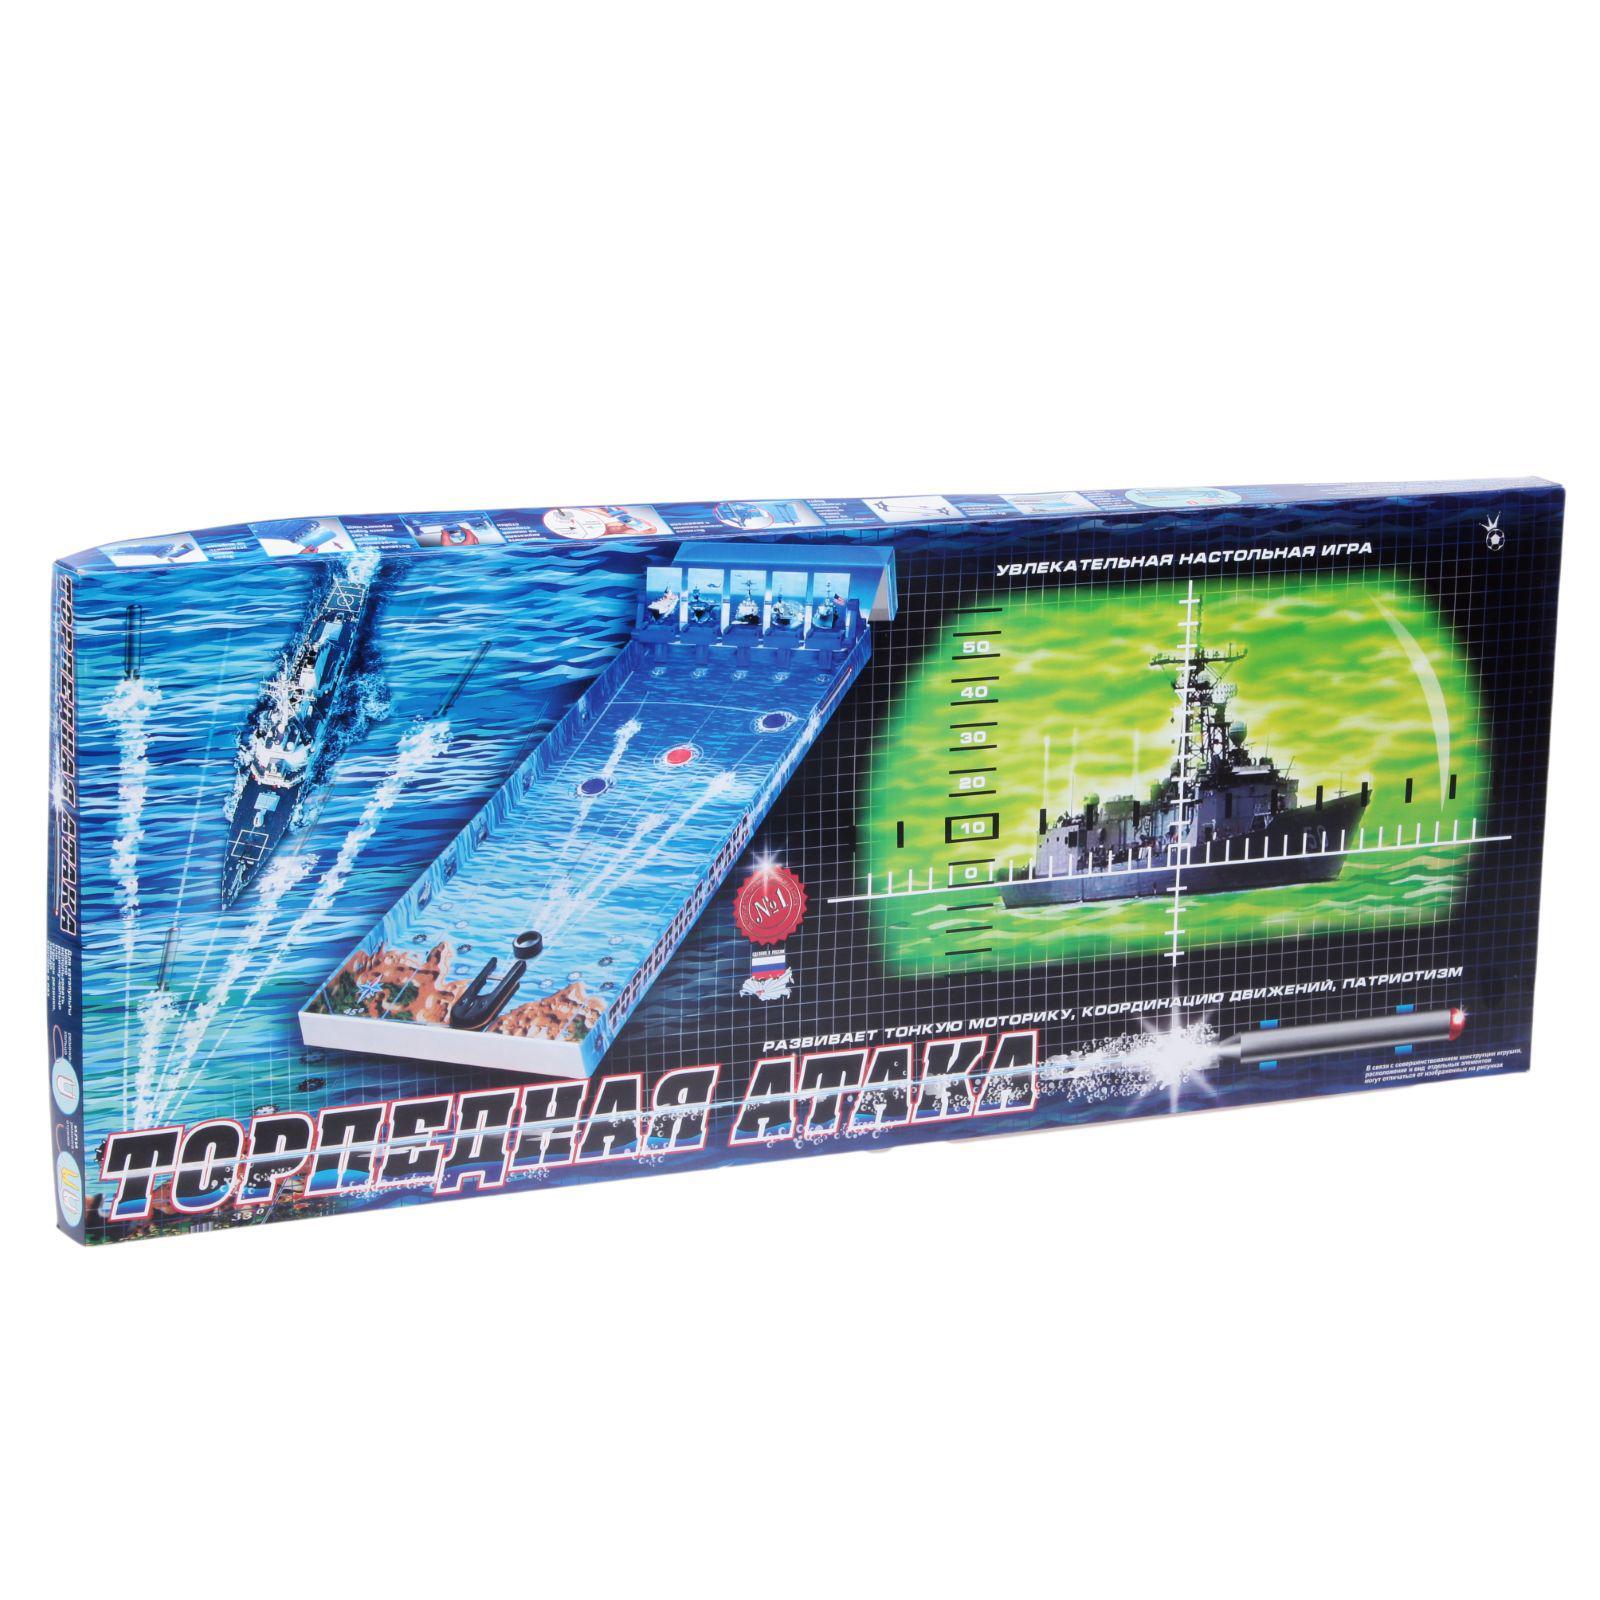 Игра настольная Торпедная АтакаНастольные игры для детей<br>Игра настольная Торпедная Атака<br>